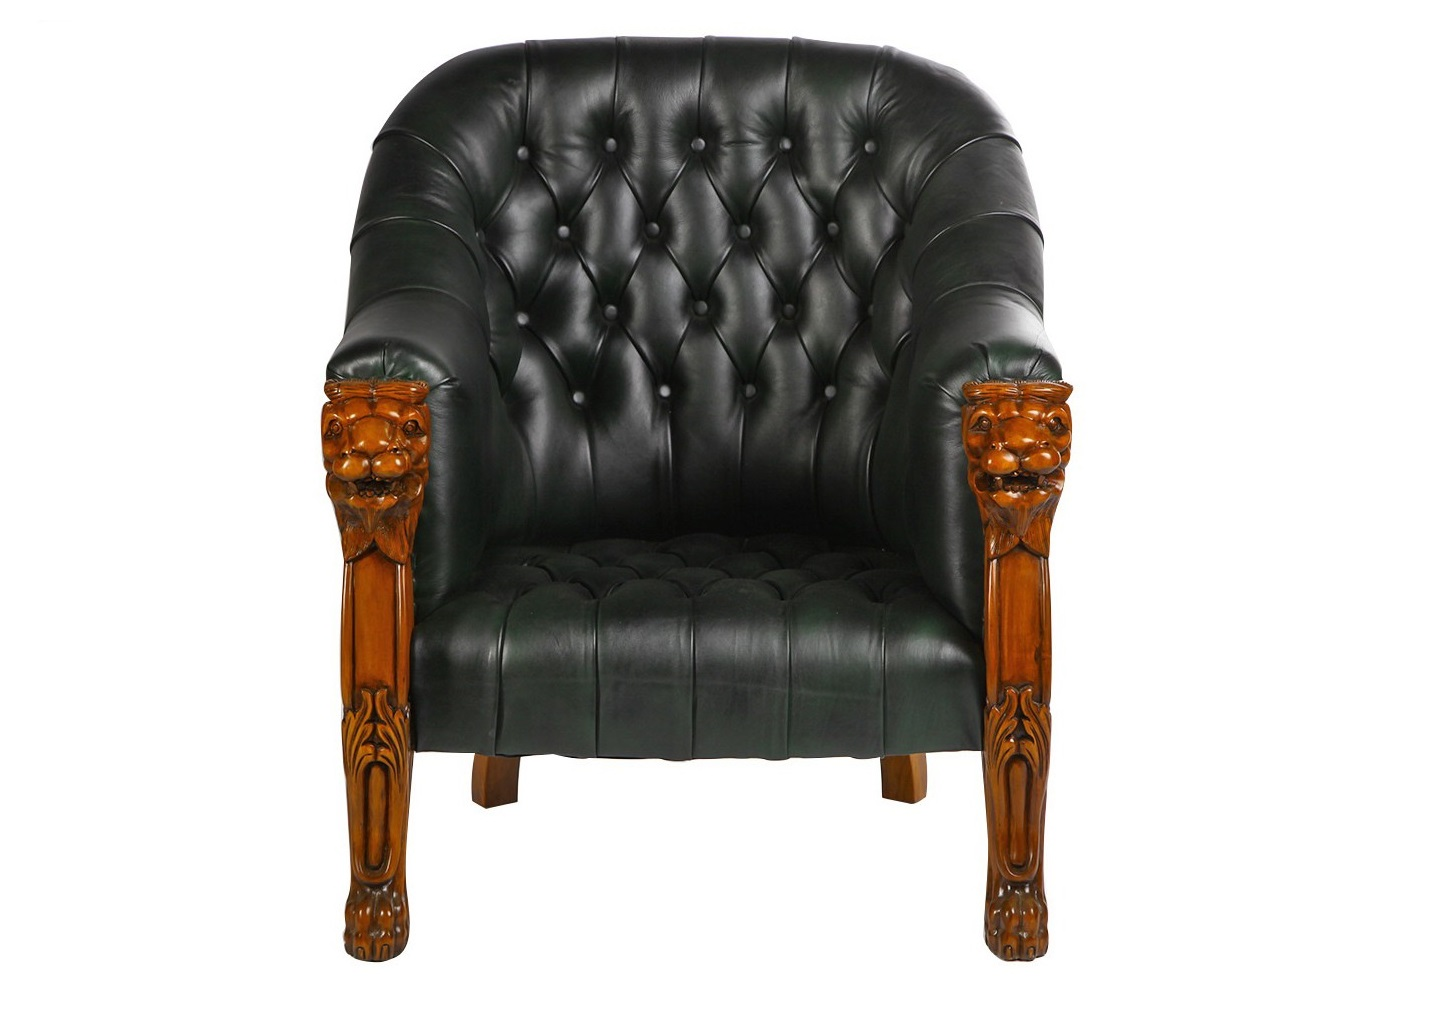 Кресло ЛионКожаные кресла<br>Материалы: натуральная кожа, массив красного дерева<br><br>Material: Кожа<br>Width см: 85<br>Depth см: 80<br>Height см: 98